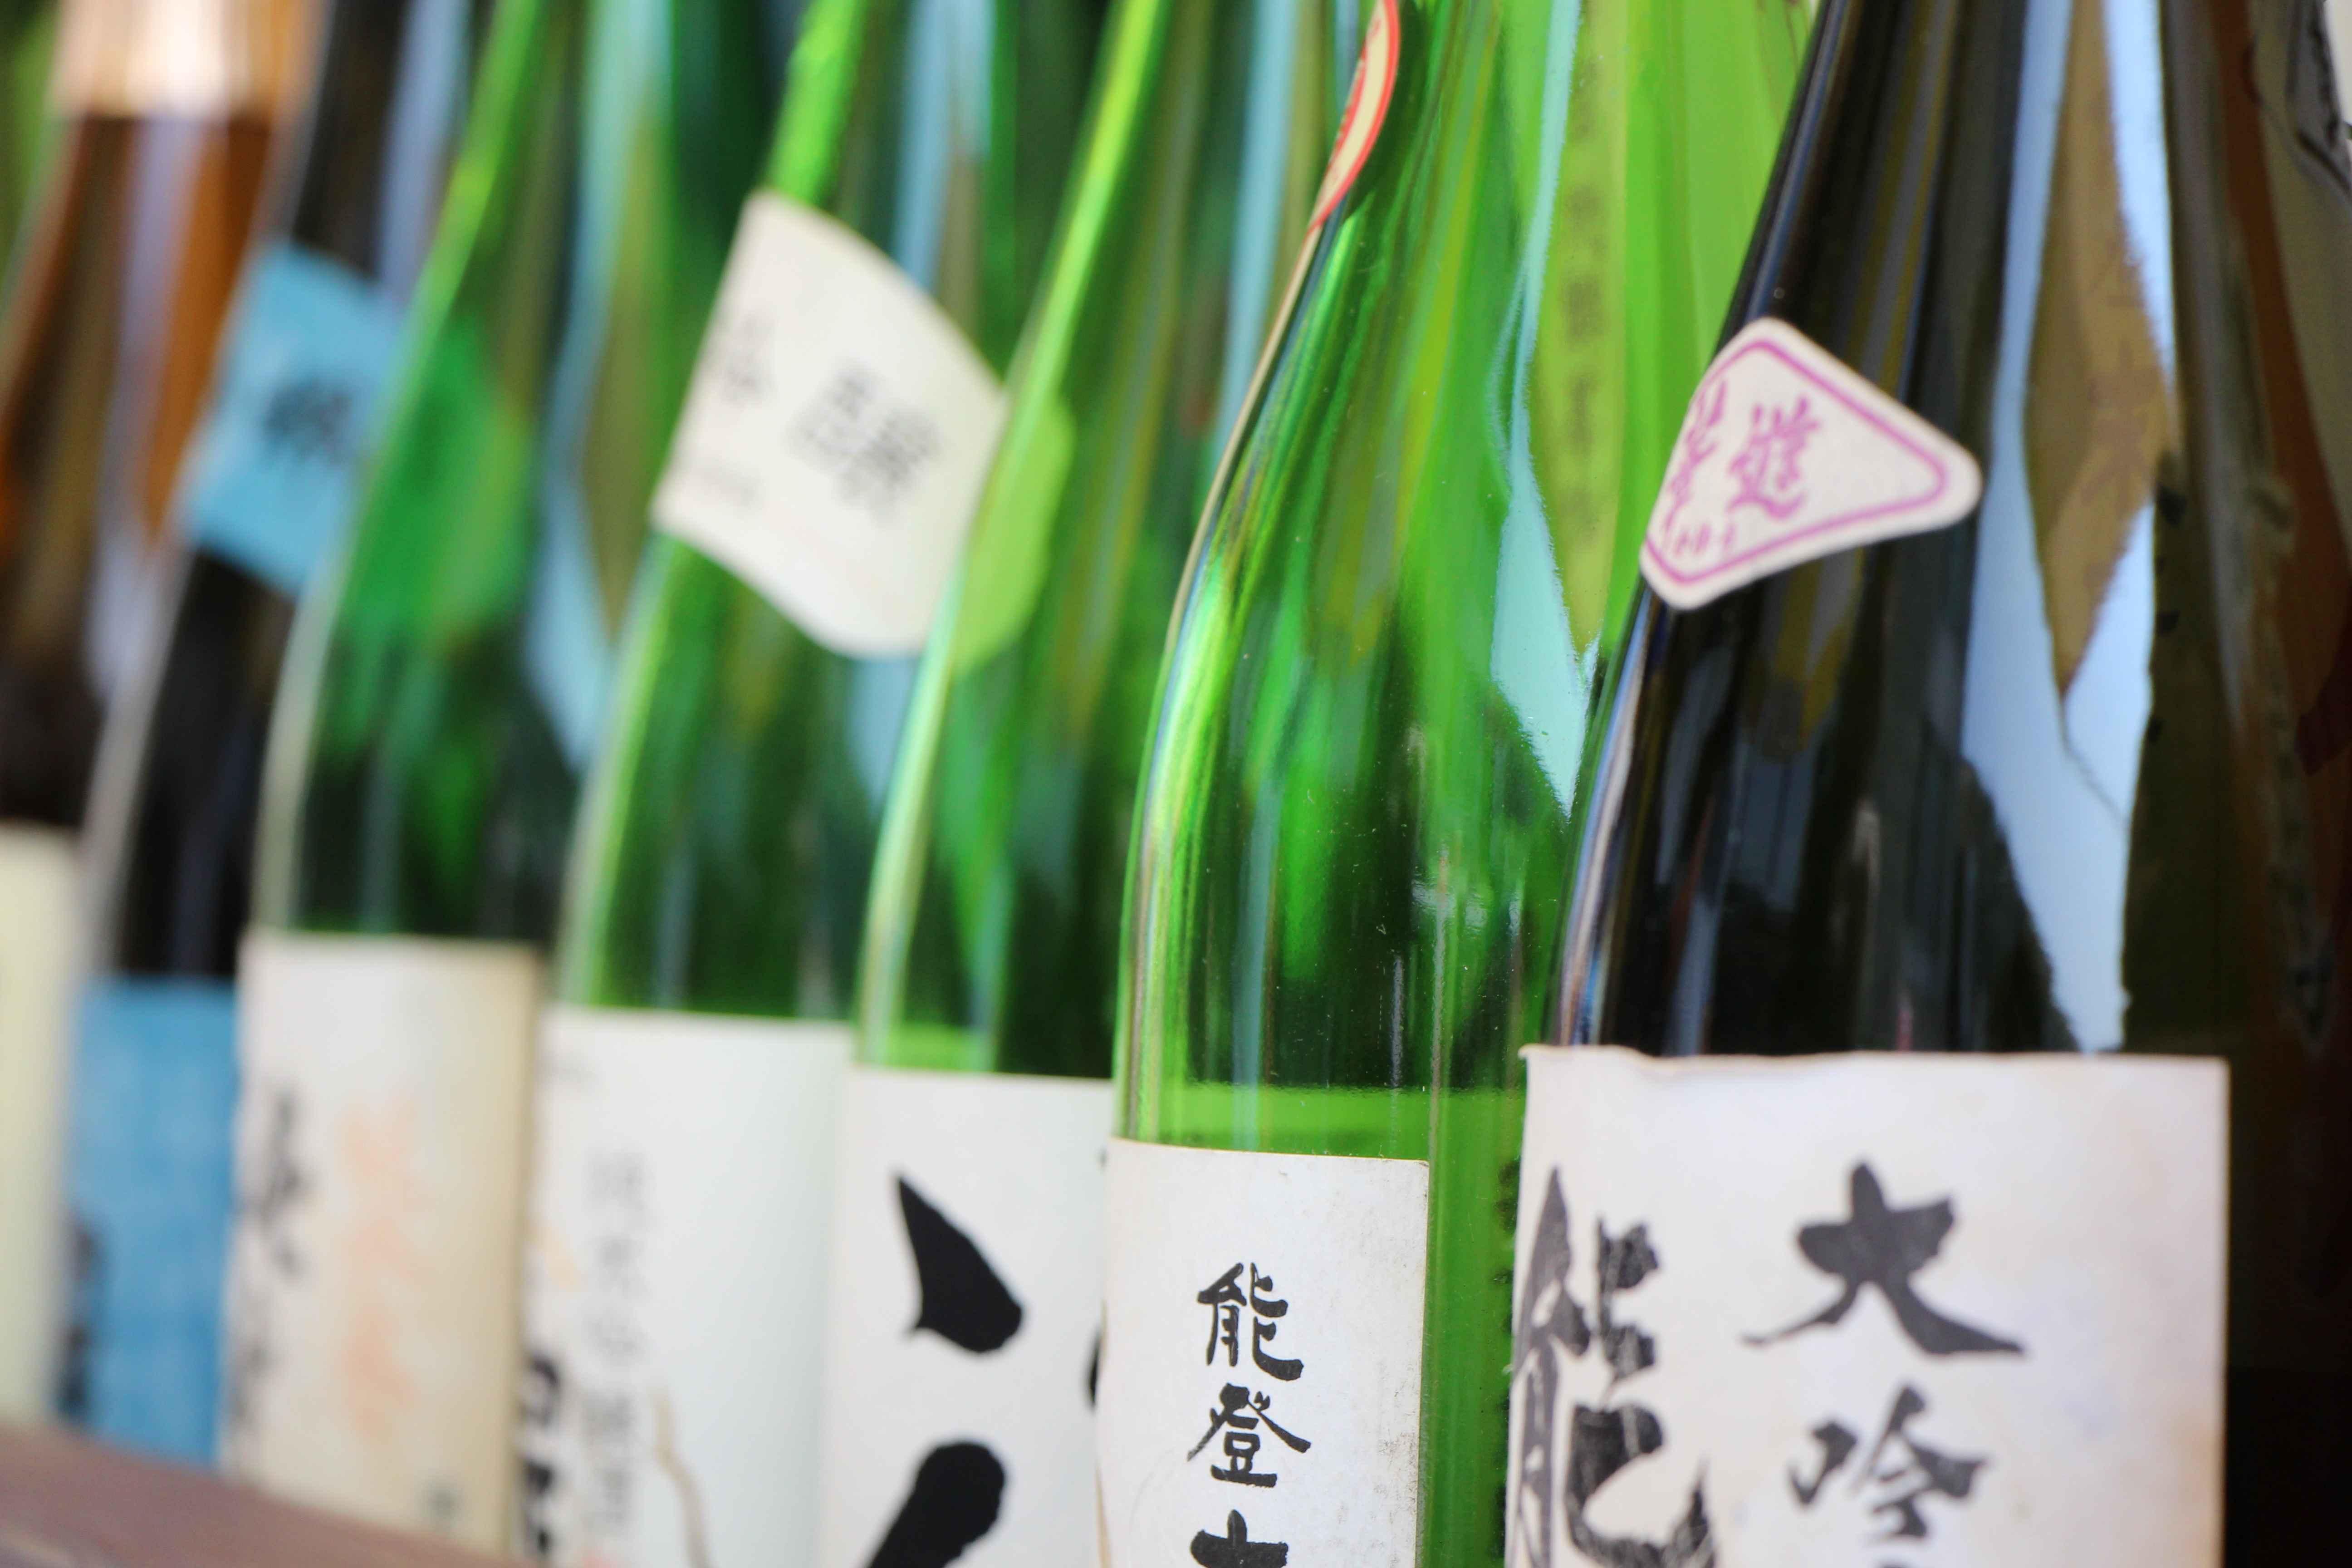 【試飲付】日本酒初心者でも資格GET!「サケコンシェルジュ」取得講座